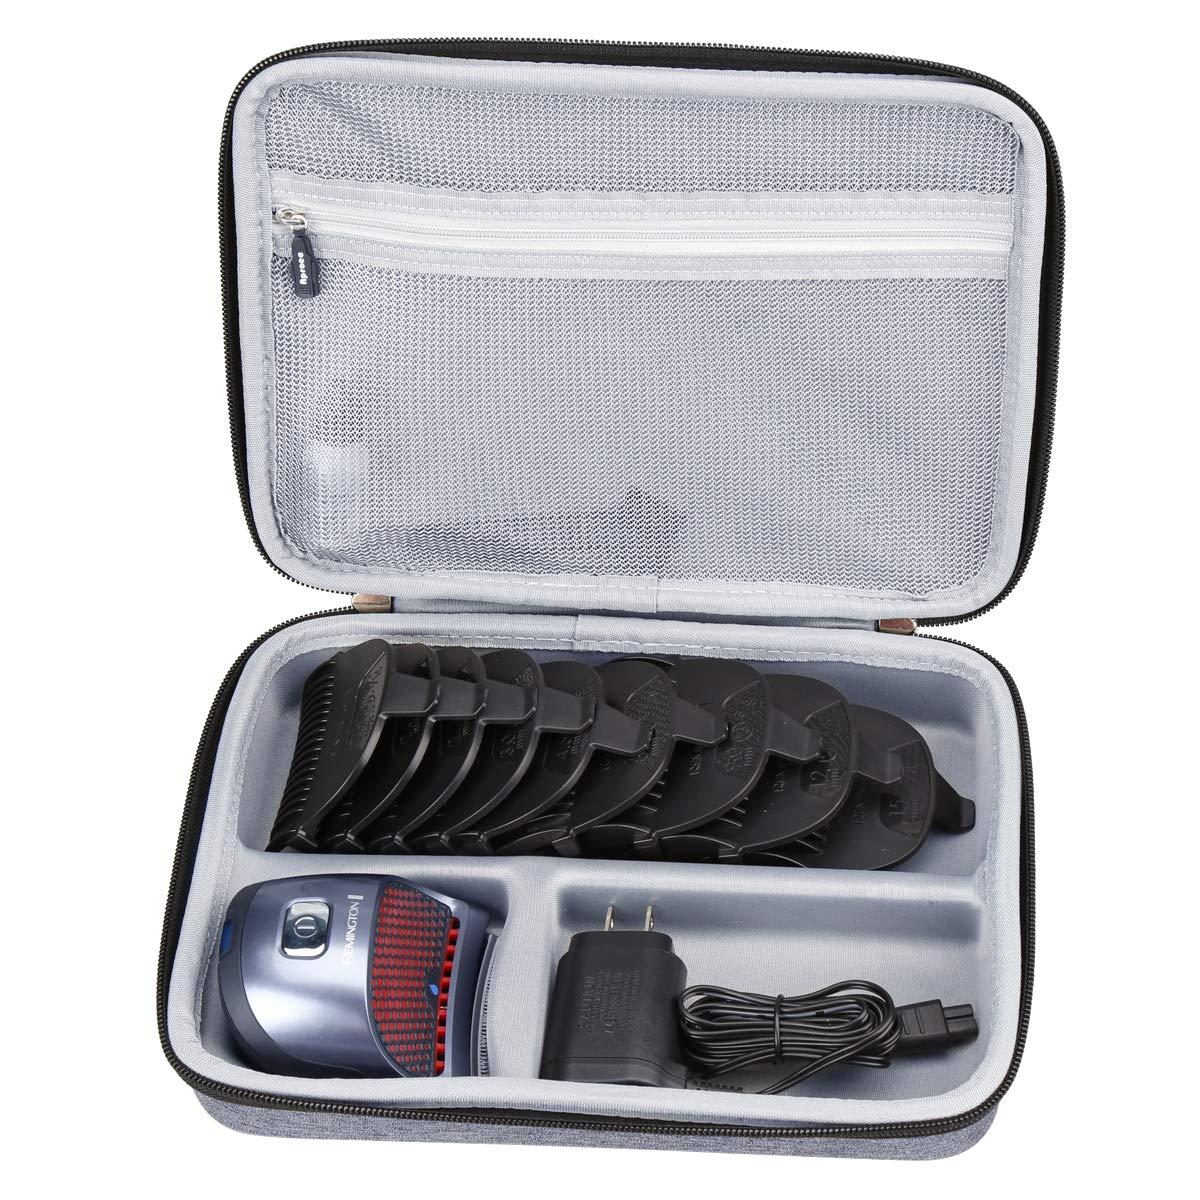 Caso compatible con Remington HC5850 Haircut /& Beard TrimmerWDF4840 Afeitadora